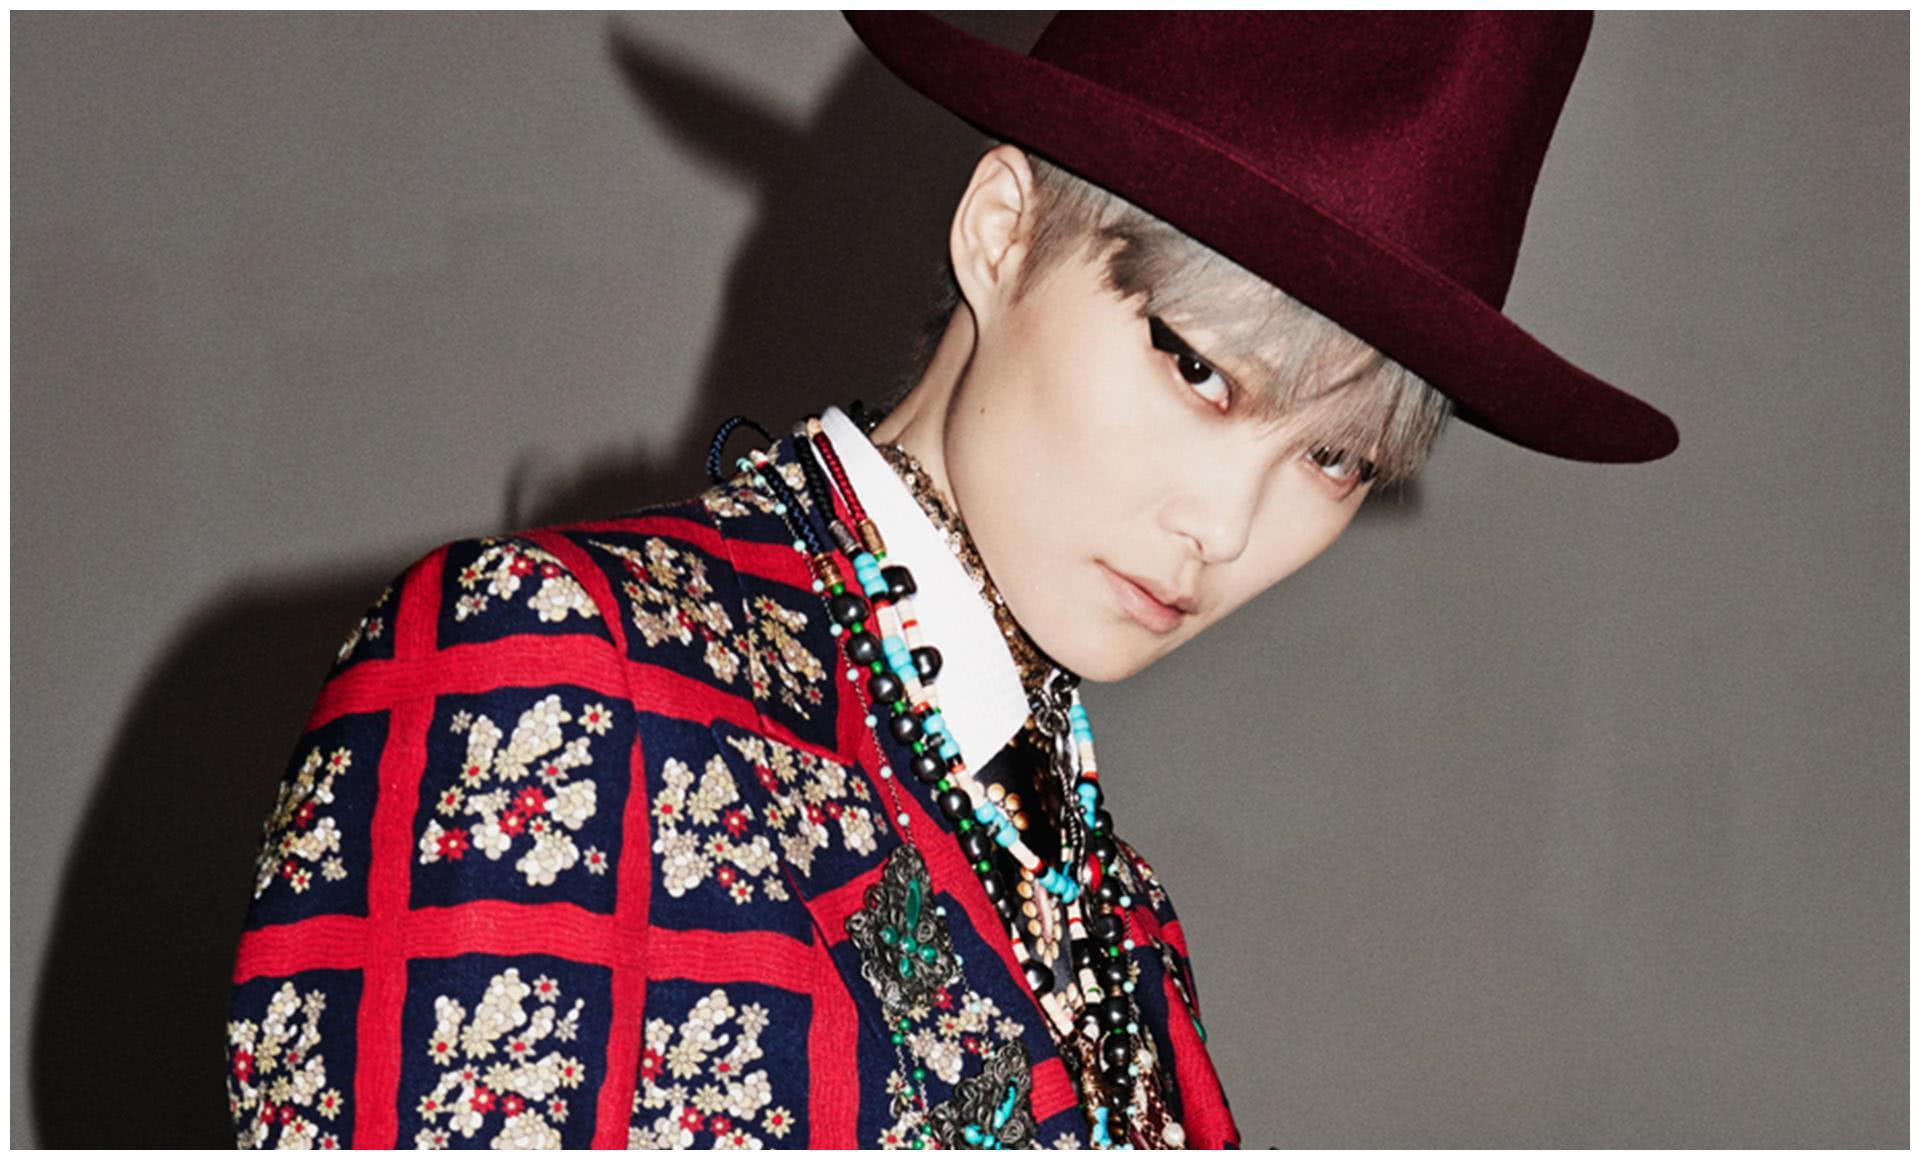 李宇春也太敢穿了!身穿大红小西装头戴女巫帽攻气十足玩百变玩酷